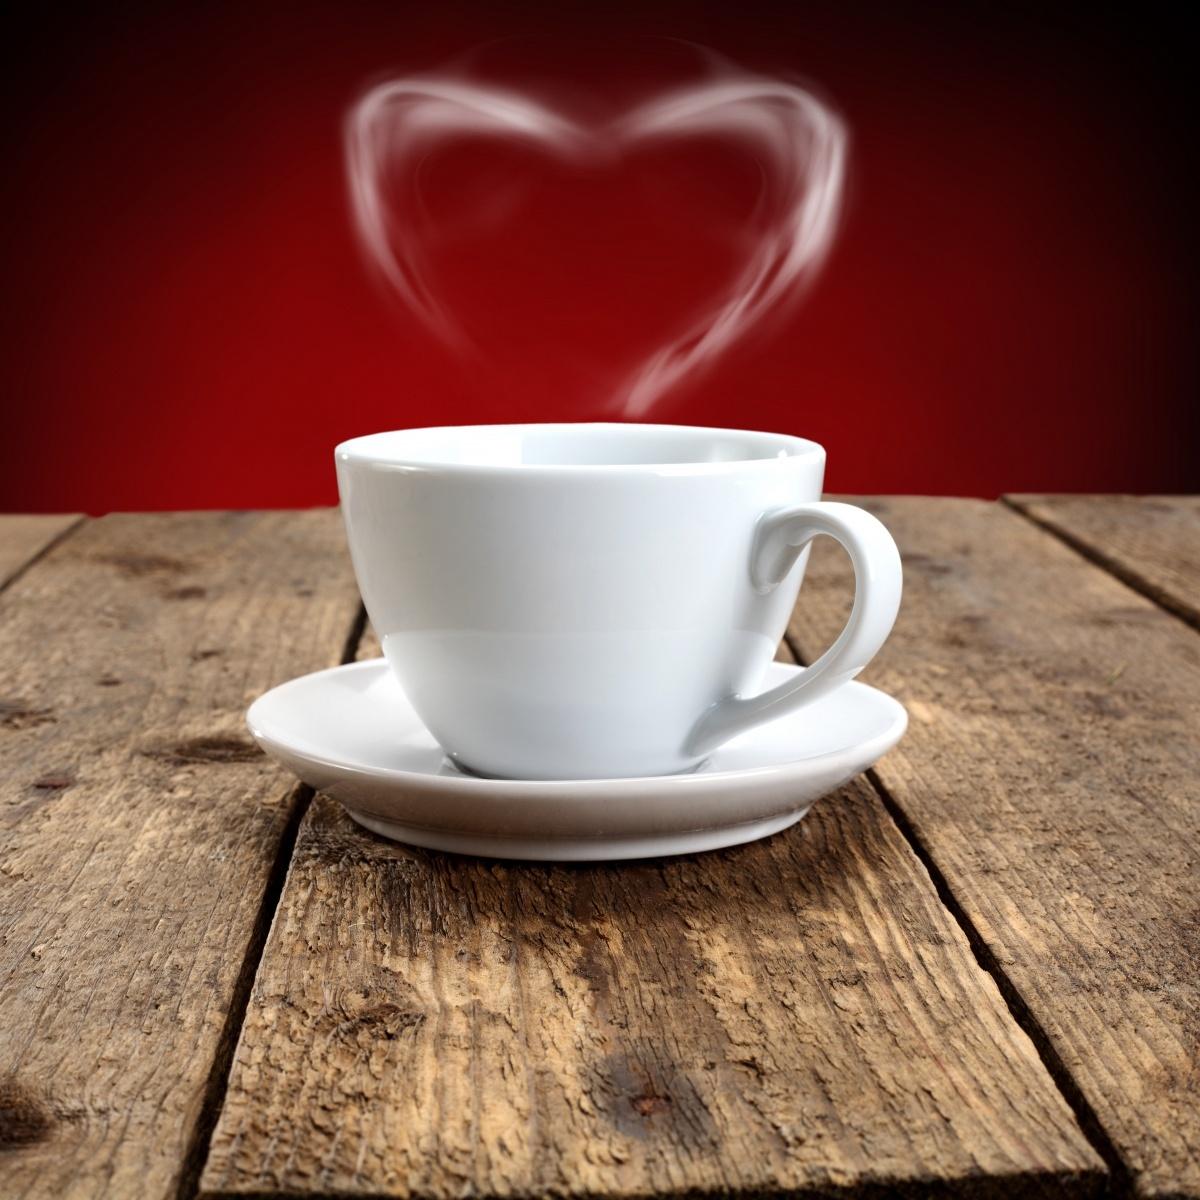 фото чашечки кофе с сердечком возможно